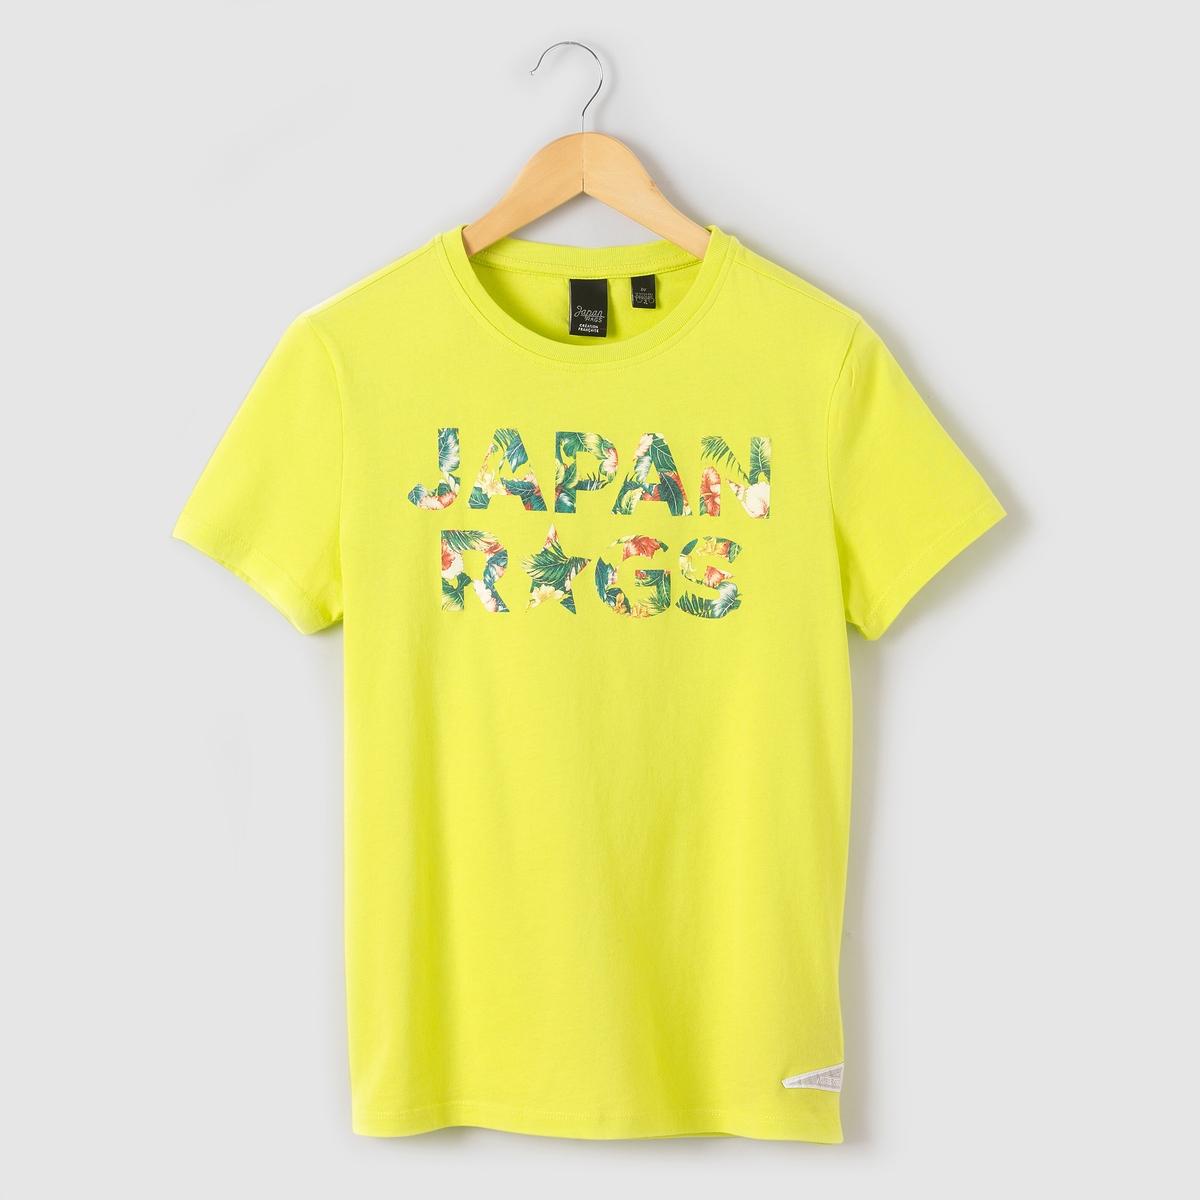 Футболка 8-16 летСостав и описаниеМатериал       джерси, 100% хлопокМарка      JAPAN RAGS УходМашинная стирка при 30 °С с вещами схожих цветовСтирать и гладить с изнаночной стороны<br><br>Цвет: зеленый<br>Размер: 8 лет - 126 см.10 лет - 138 см.12 лет -150 см